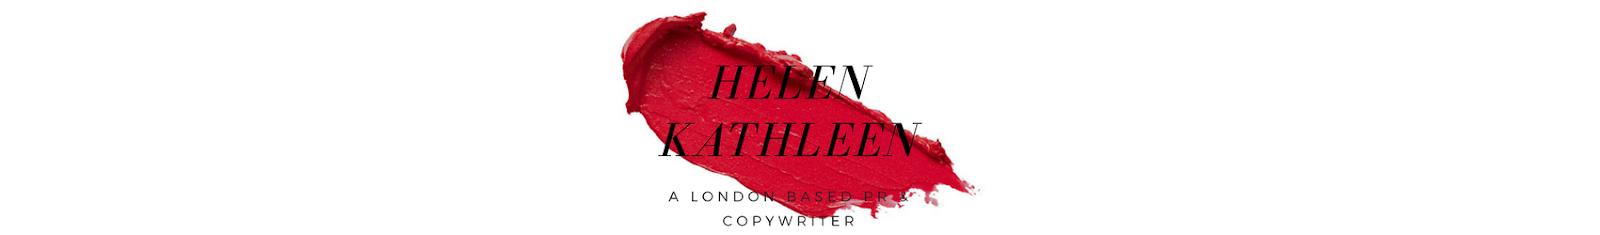 HelenKathleenPR